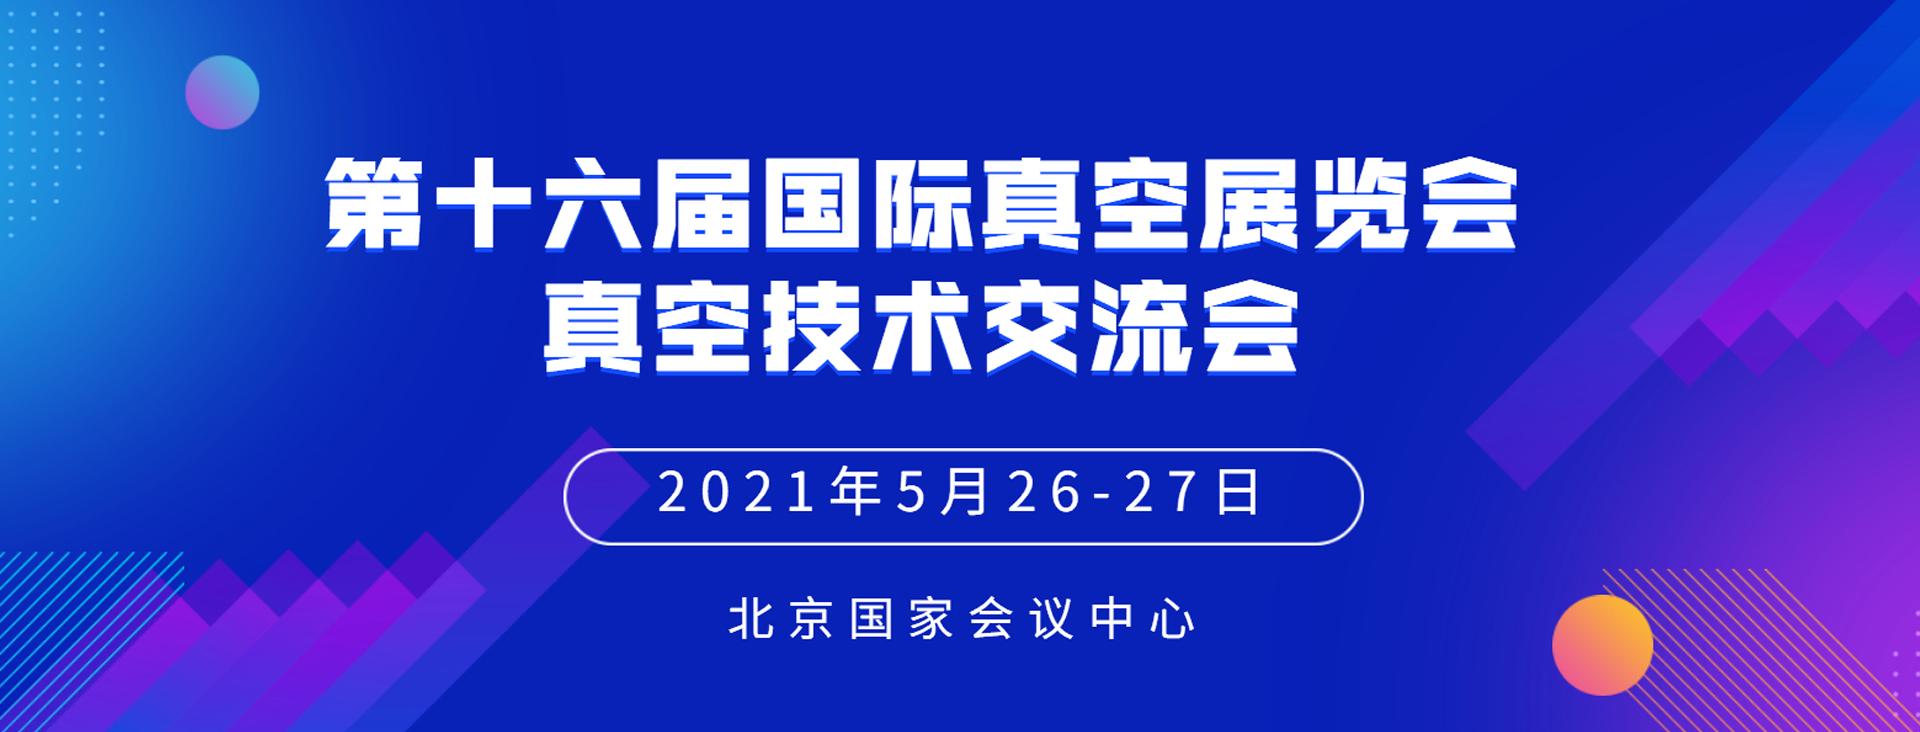 第十六届国际真空技术学术论坛及技术交流会